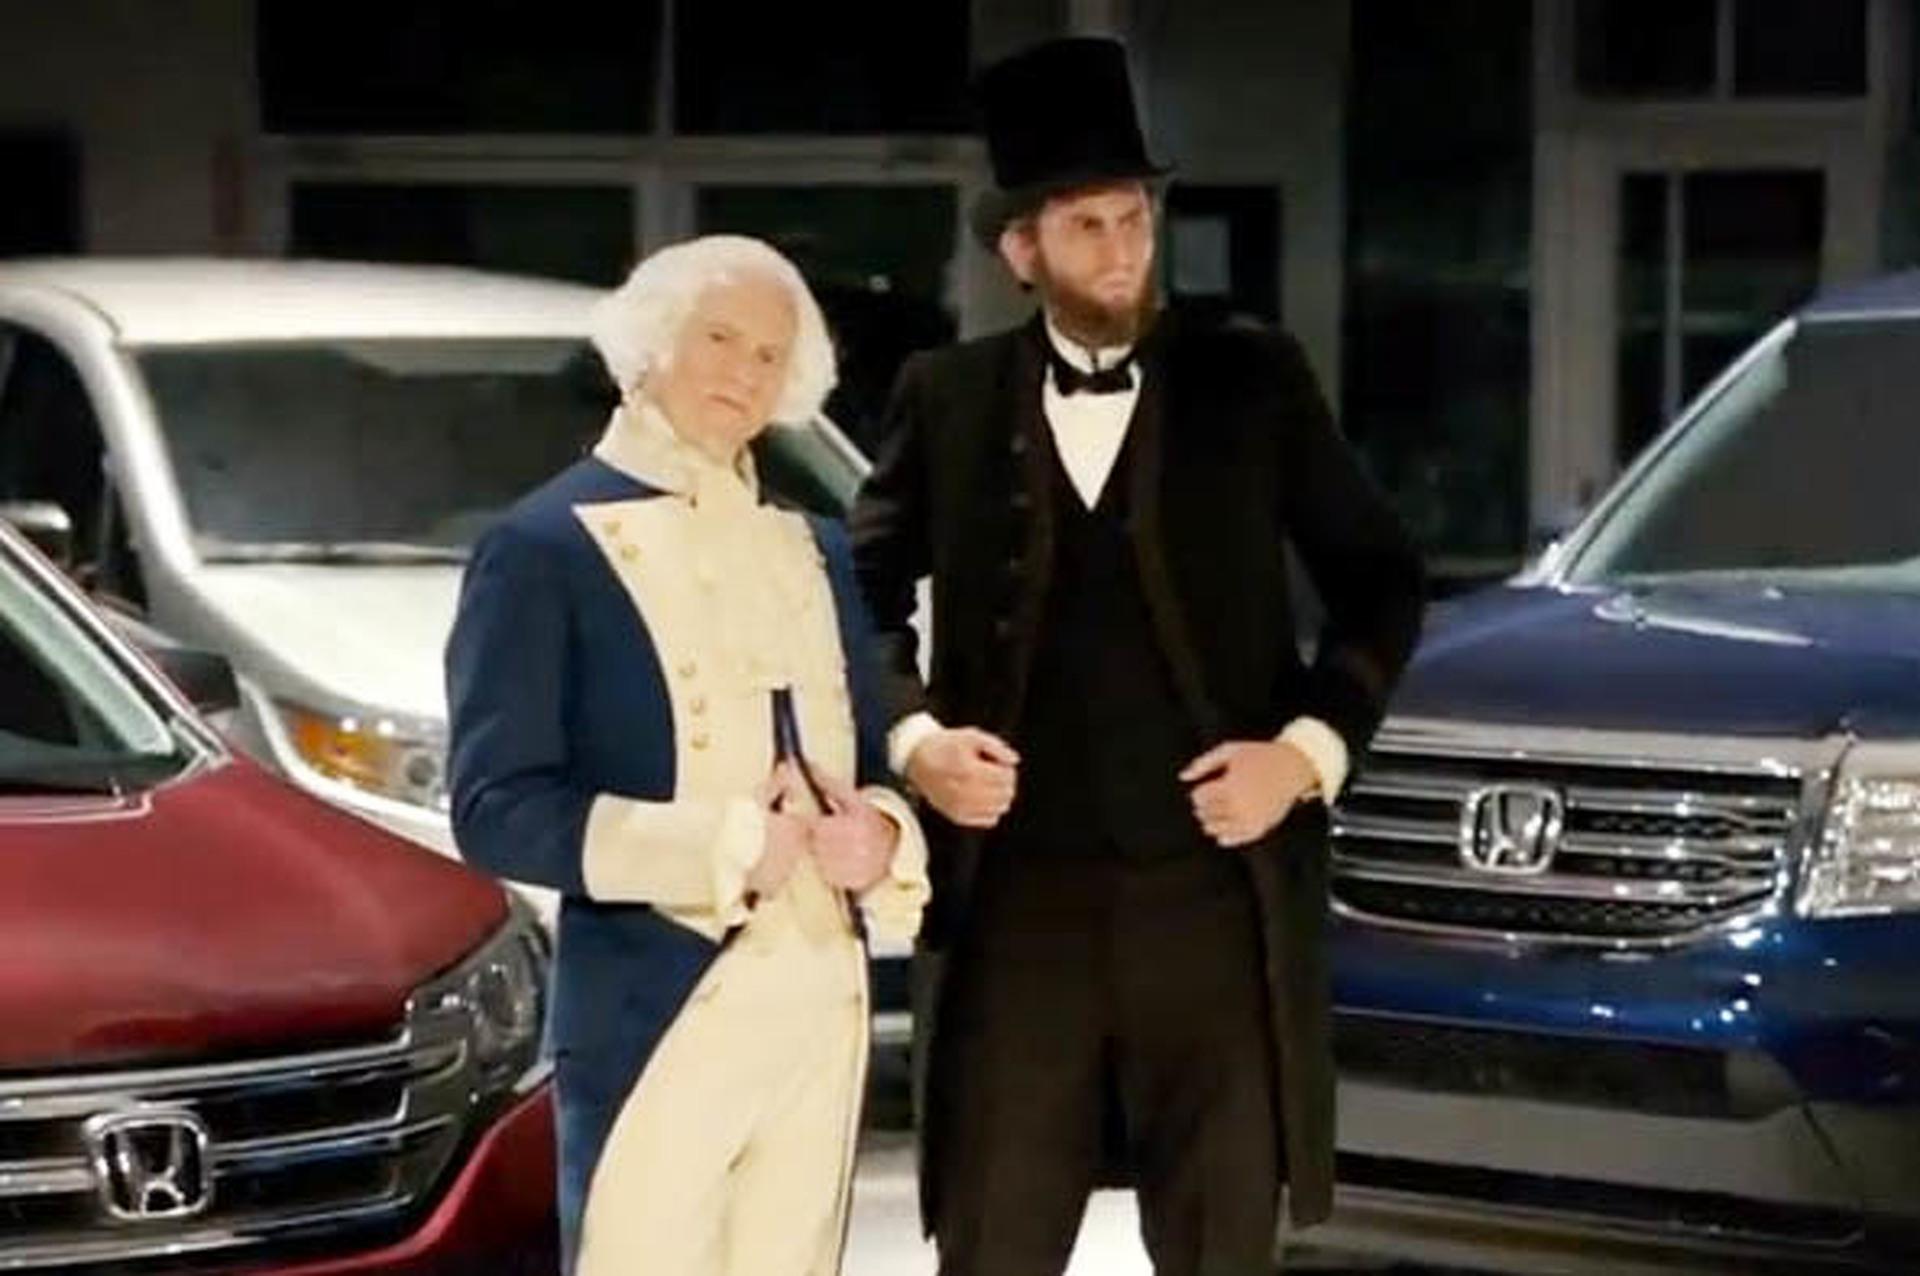 Honda's Presidents' Day Commercial Lacks Taste